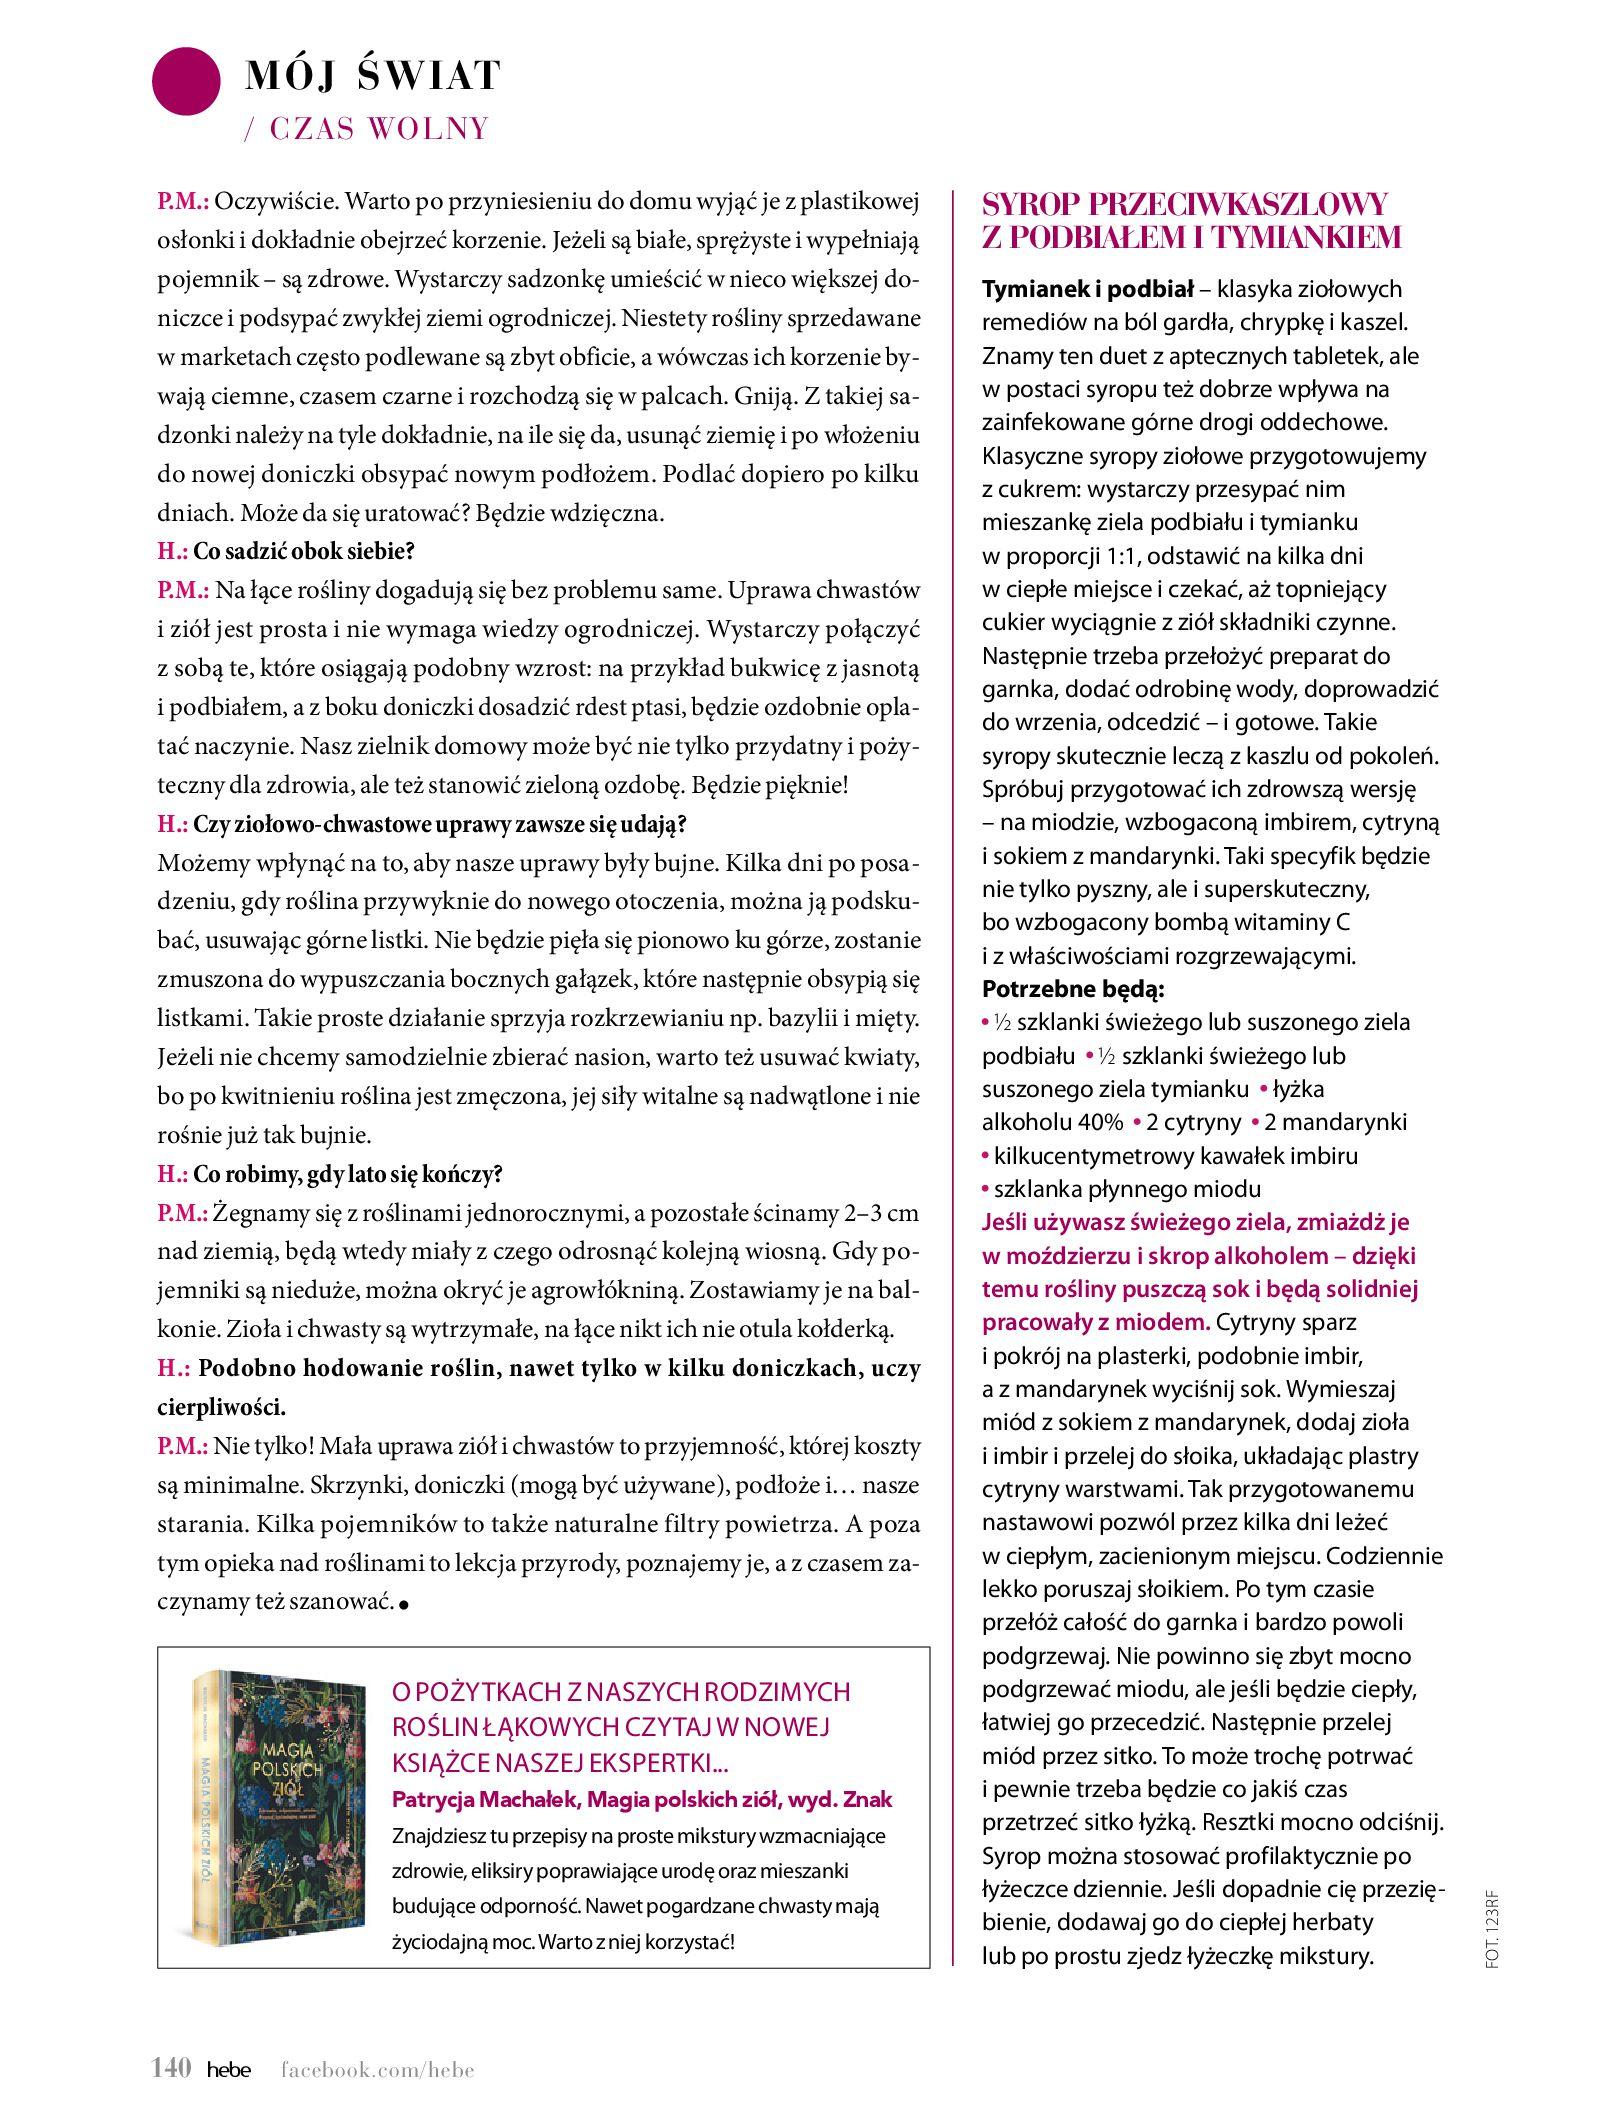 Gazetka hebe - Magazyn Hebe-30.06.2020-31.08.2020-page-140